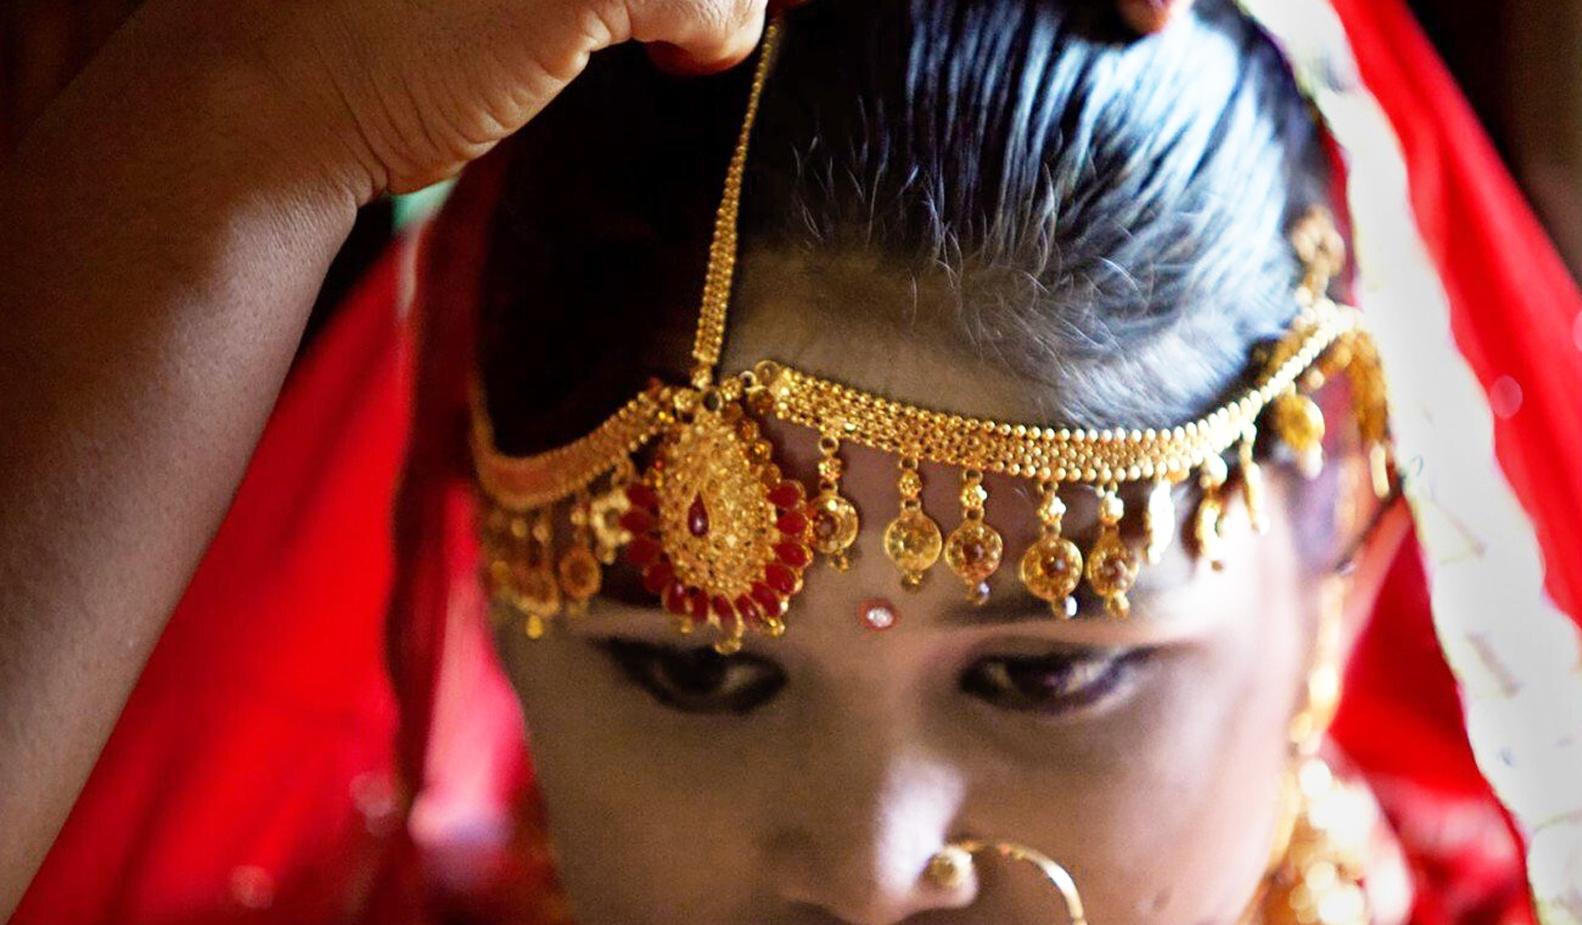 UNICEF phát hiện ra rằng hơn 50% trẻ em gái ở Bangladesh kết hôn trước 18 tuổi